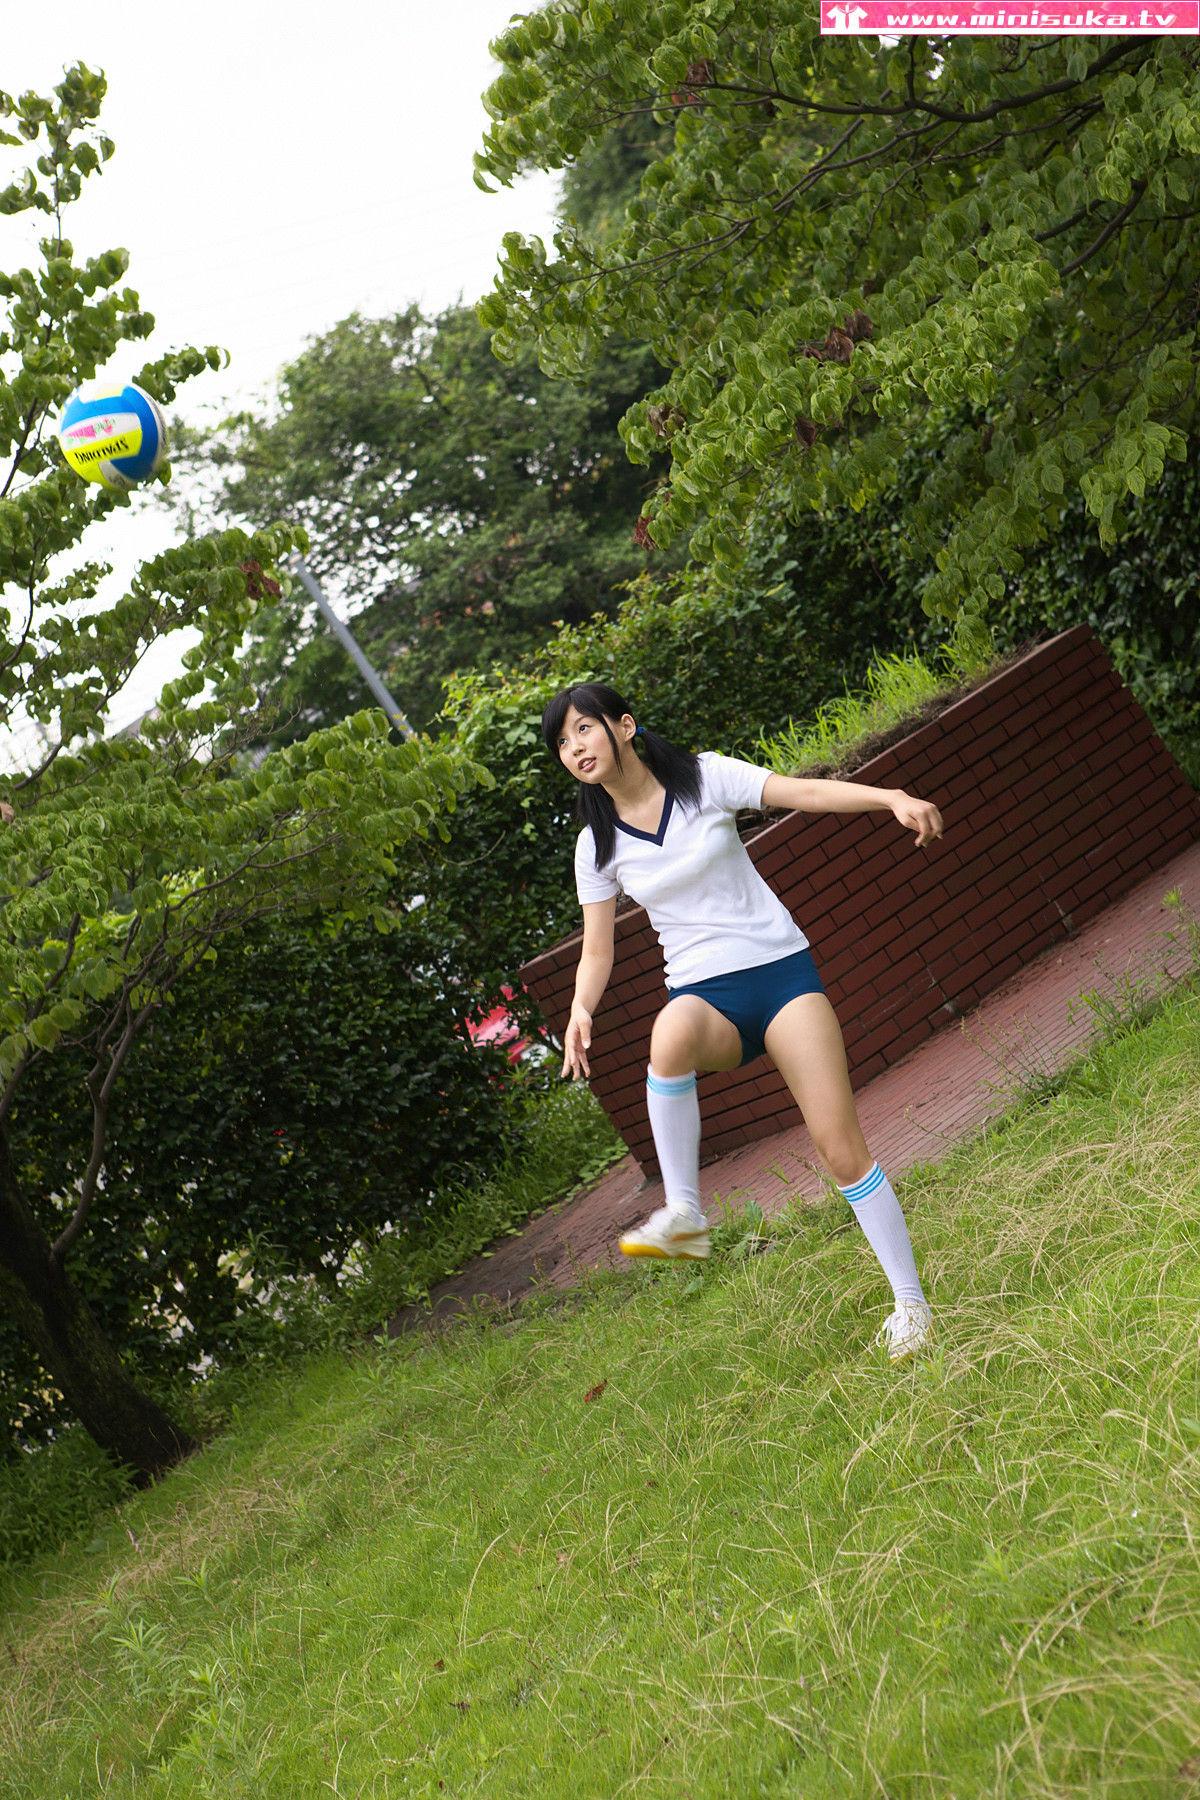 Tsukasa Aoi 葵司葵つかさ 写真